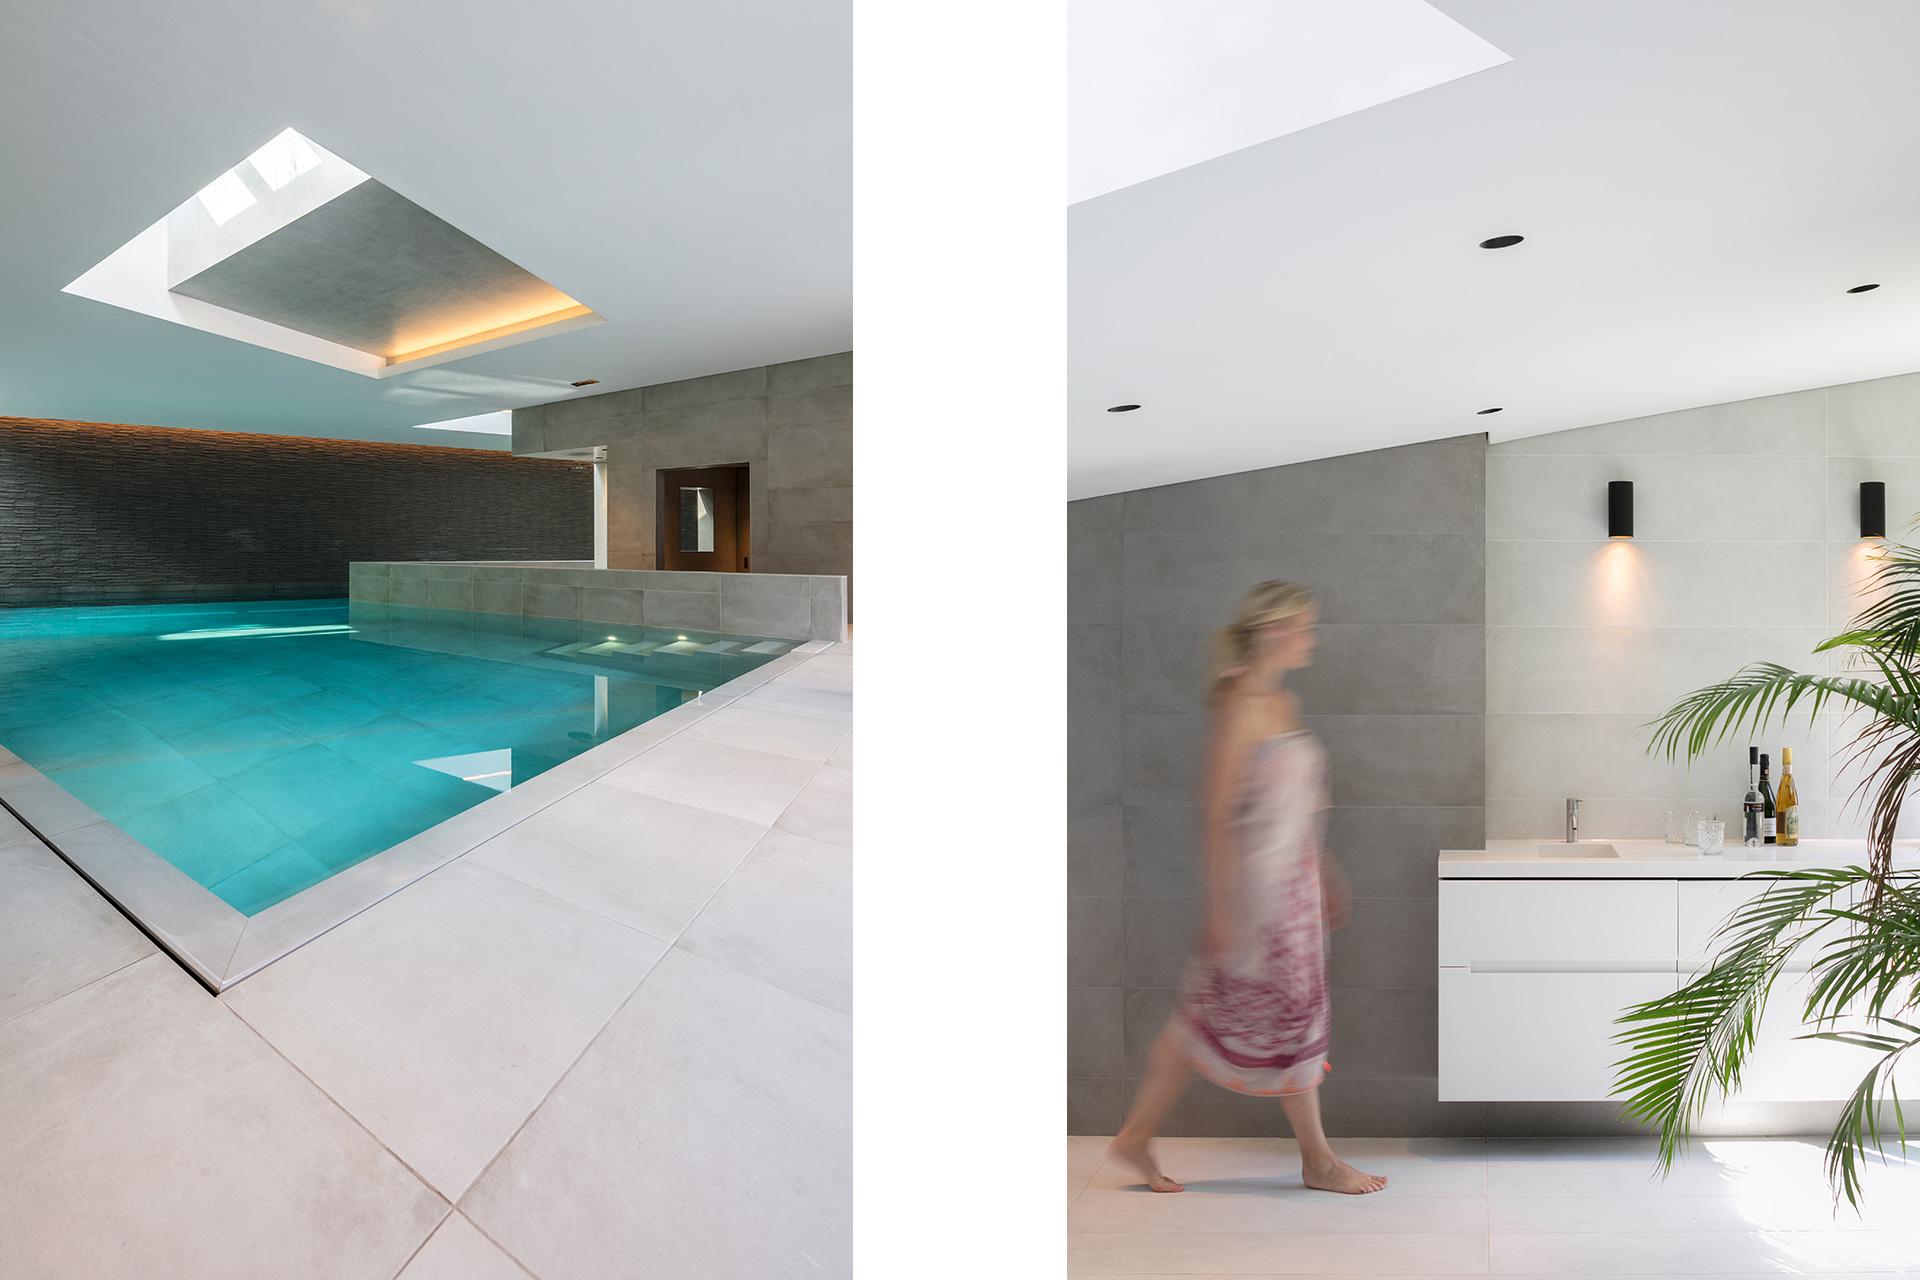 SP2017-Villa-Bentveld-Architectuur-11